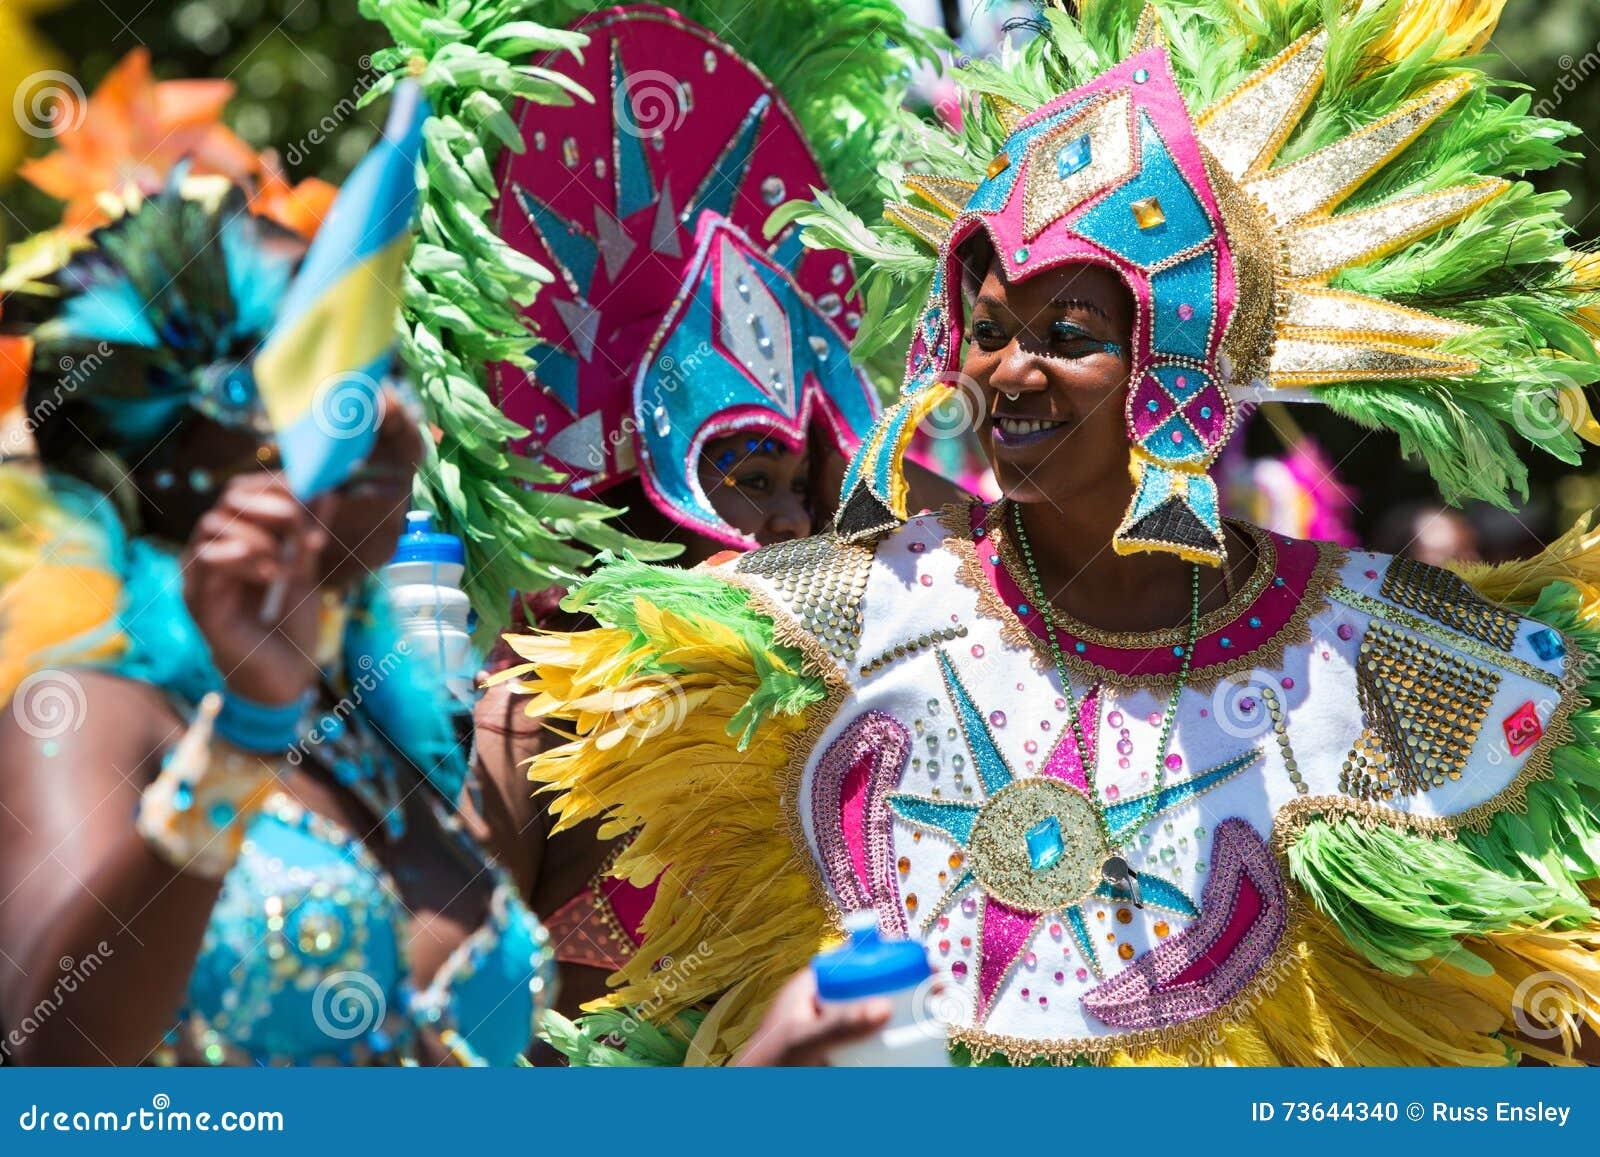 穿精心制作的用羽毛装饰的服装的妇女庆祝加勒比文化